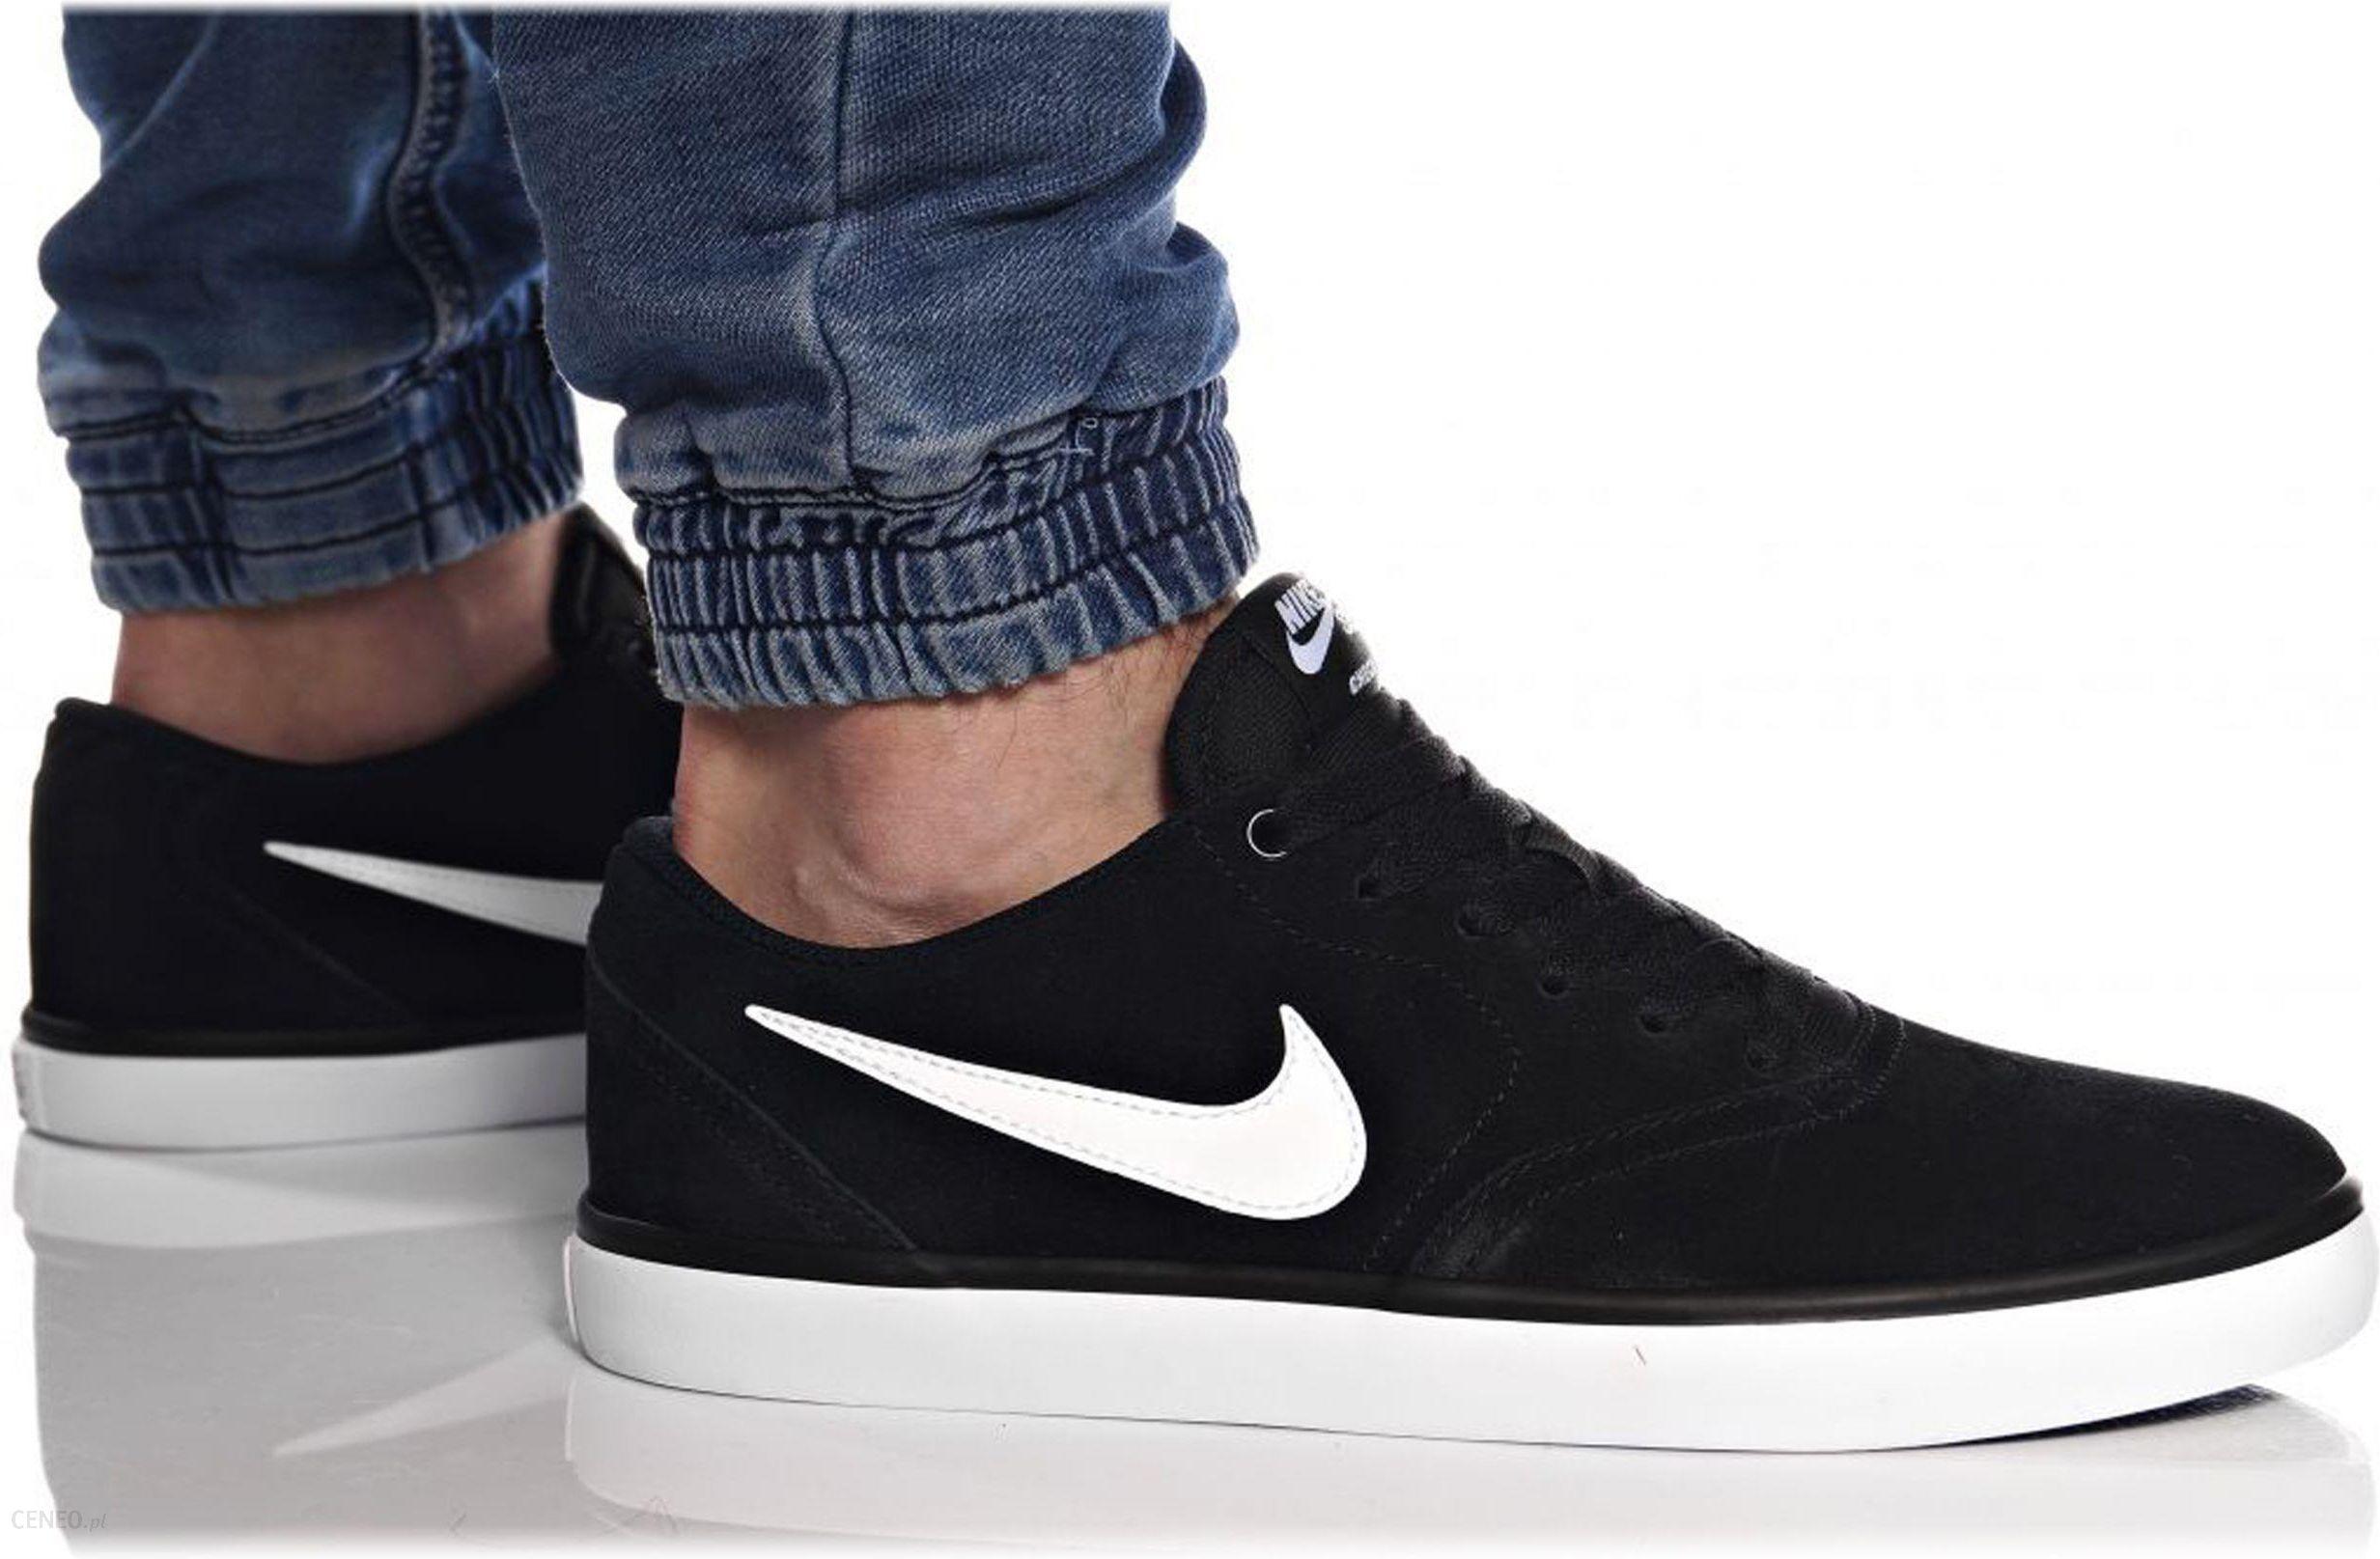 buty nike męskie skórzane czarne